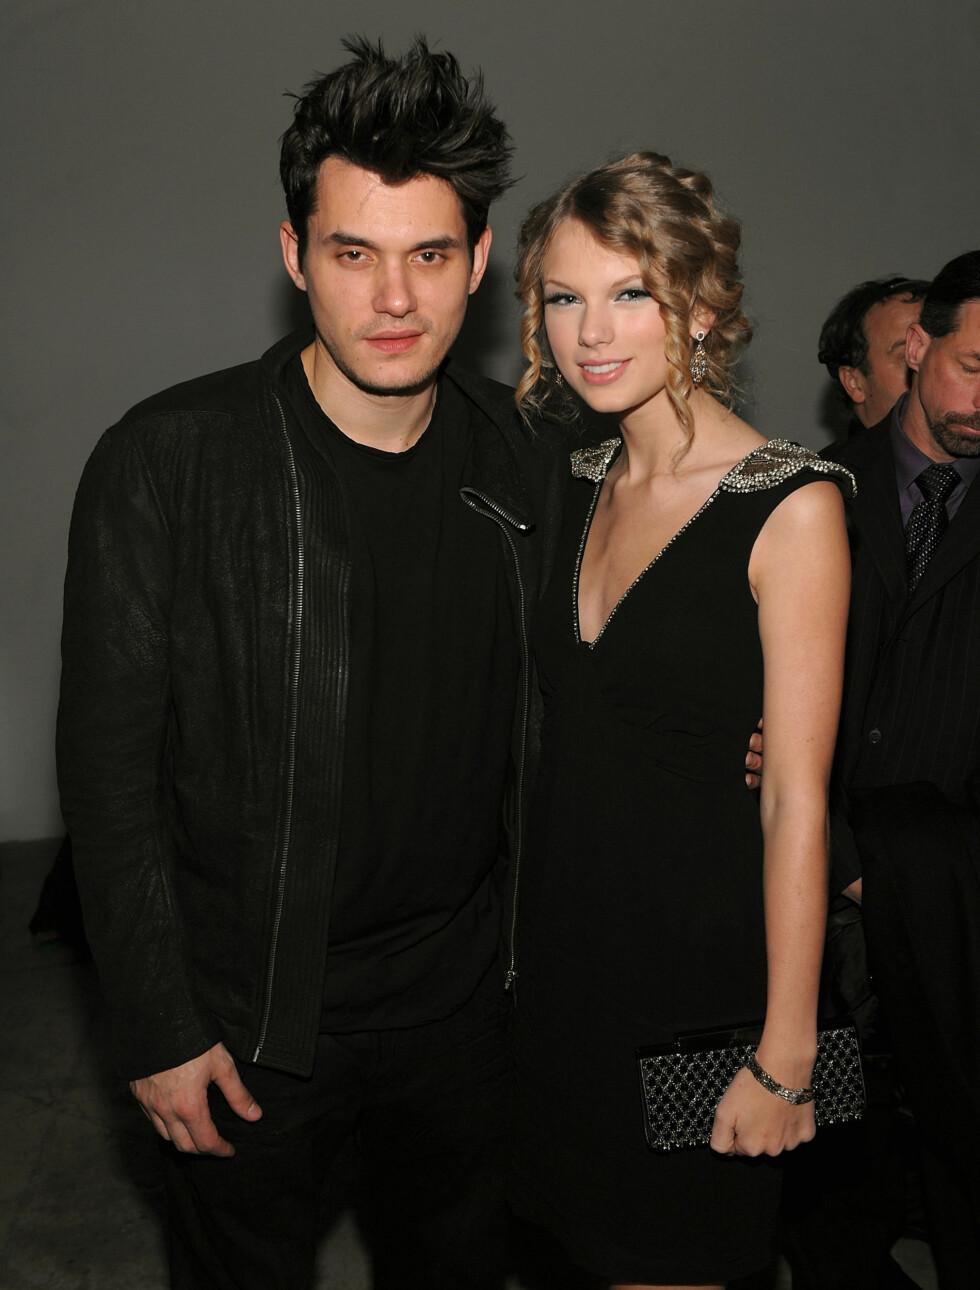 HOT: Damemagnet John Mayer hadde en kort flørt med Taylor Swift da de to inngikk musikalsk samarbeid i 2009. Hun skal ha dumpet ham fordi hennes egen mor ikke godtok forholdet mellom henne og den 12 år eldre sangeren. Foto: All Over Press